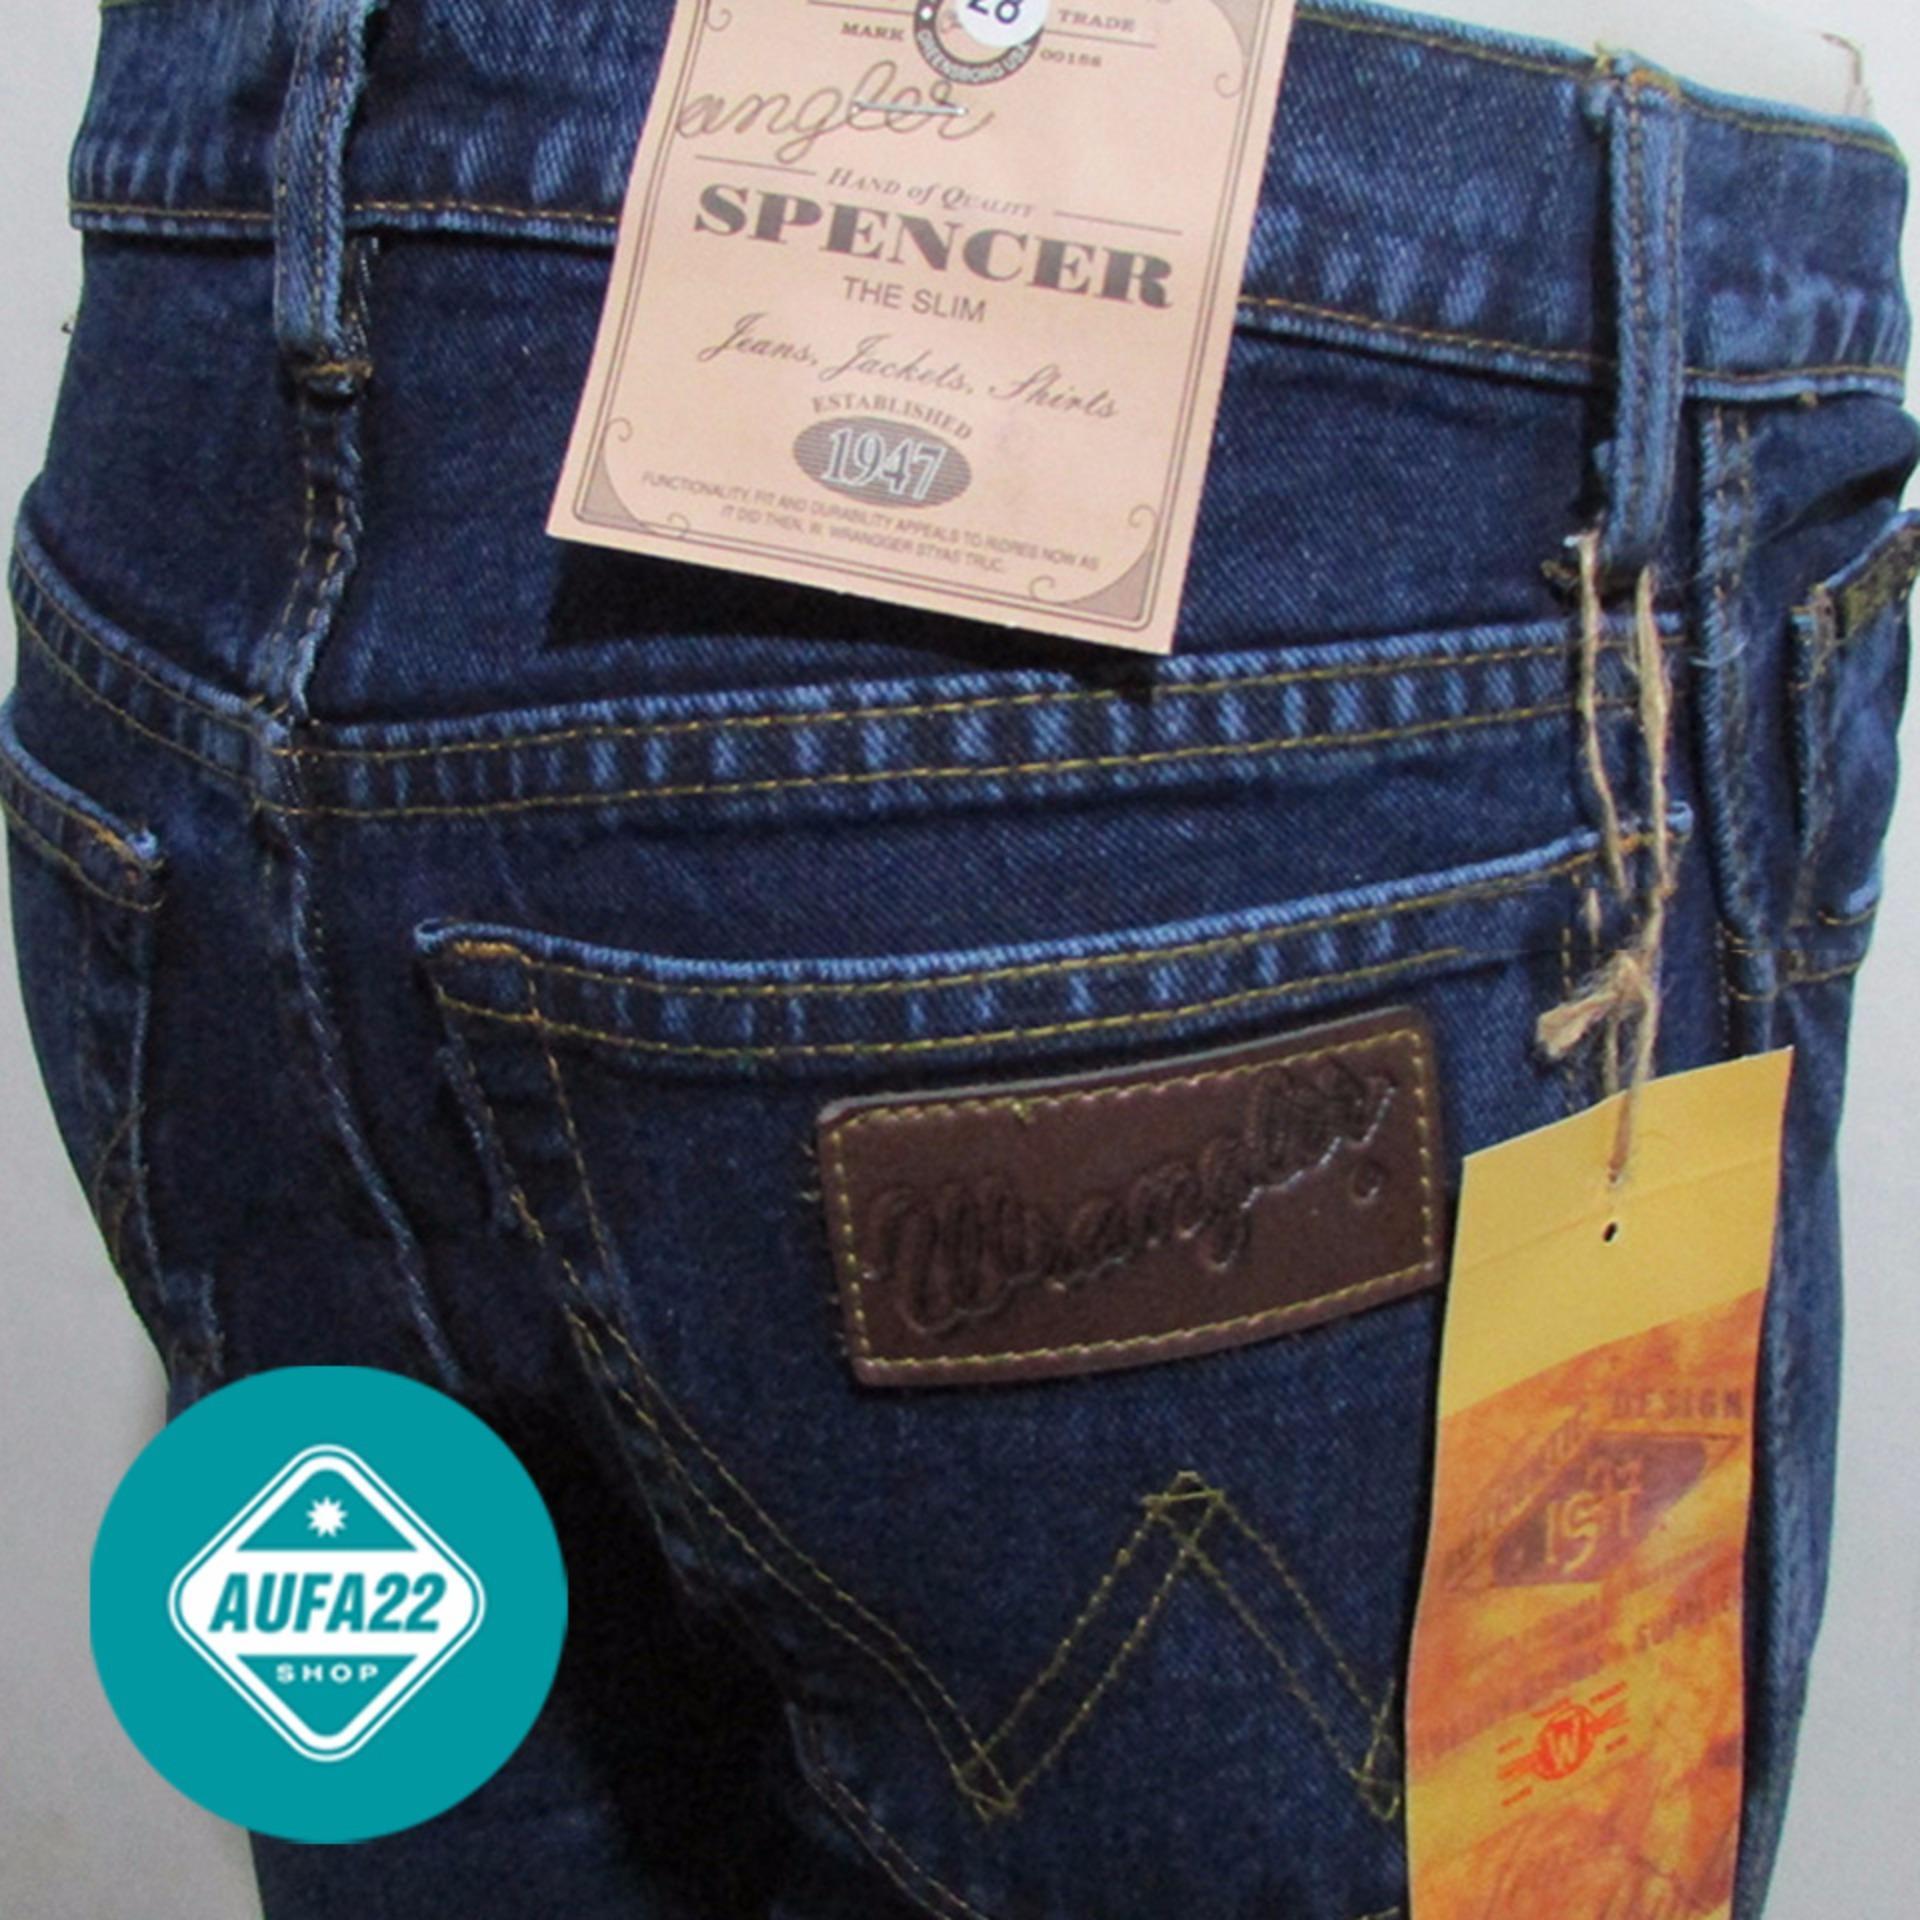 Celana Jeans Wrangler Biowash - Biru Gelap Premium Regular Fit Basic Standar Terbaru Terlaris Best Seller